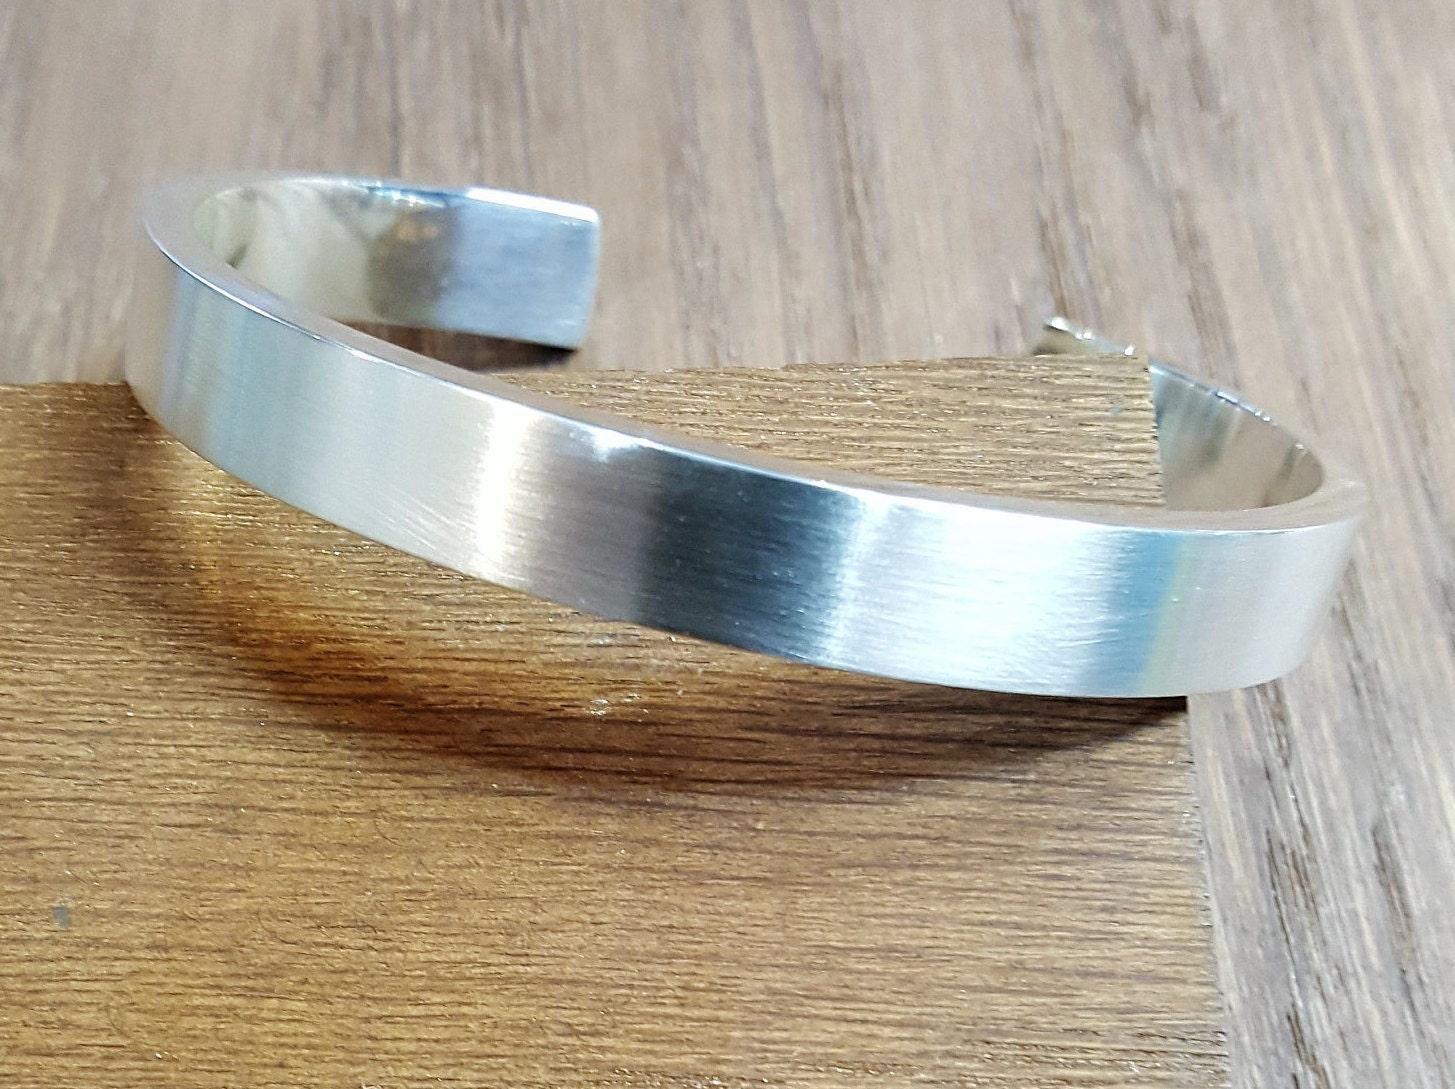 5bc642f1e3c09 Mens Silver Bangle, 58g Handmade Heavy Silver Cuff, Satin Finish, Mens  Silver Bracelet